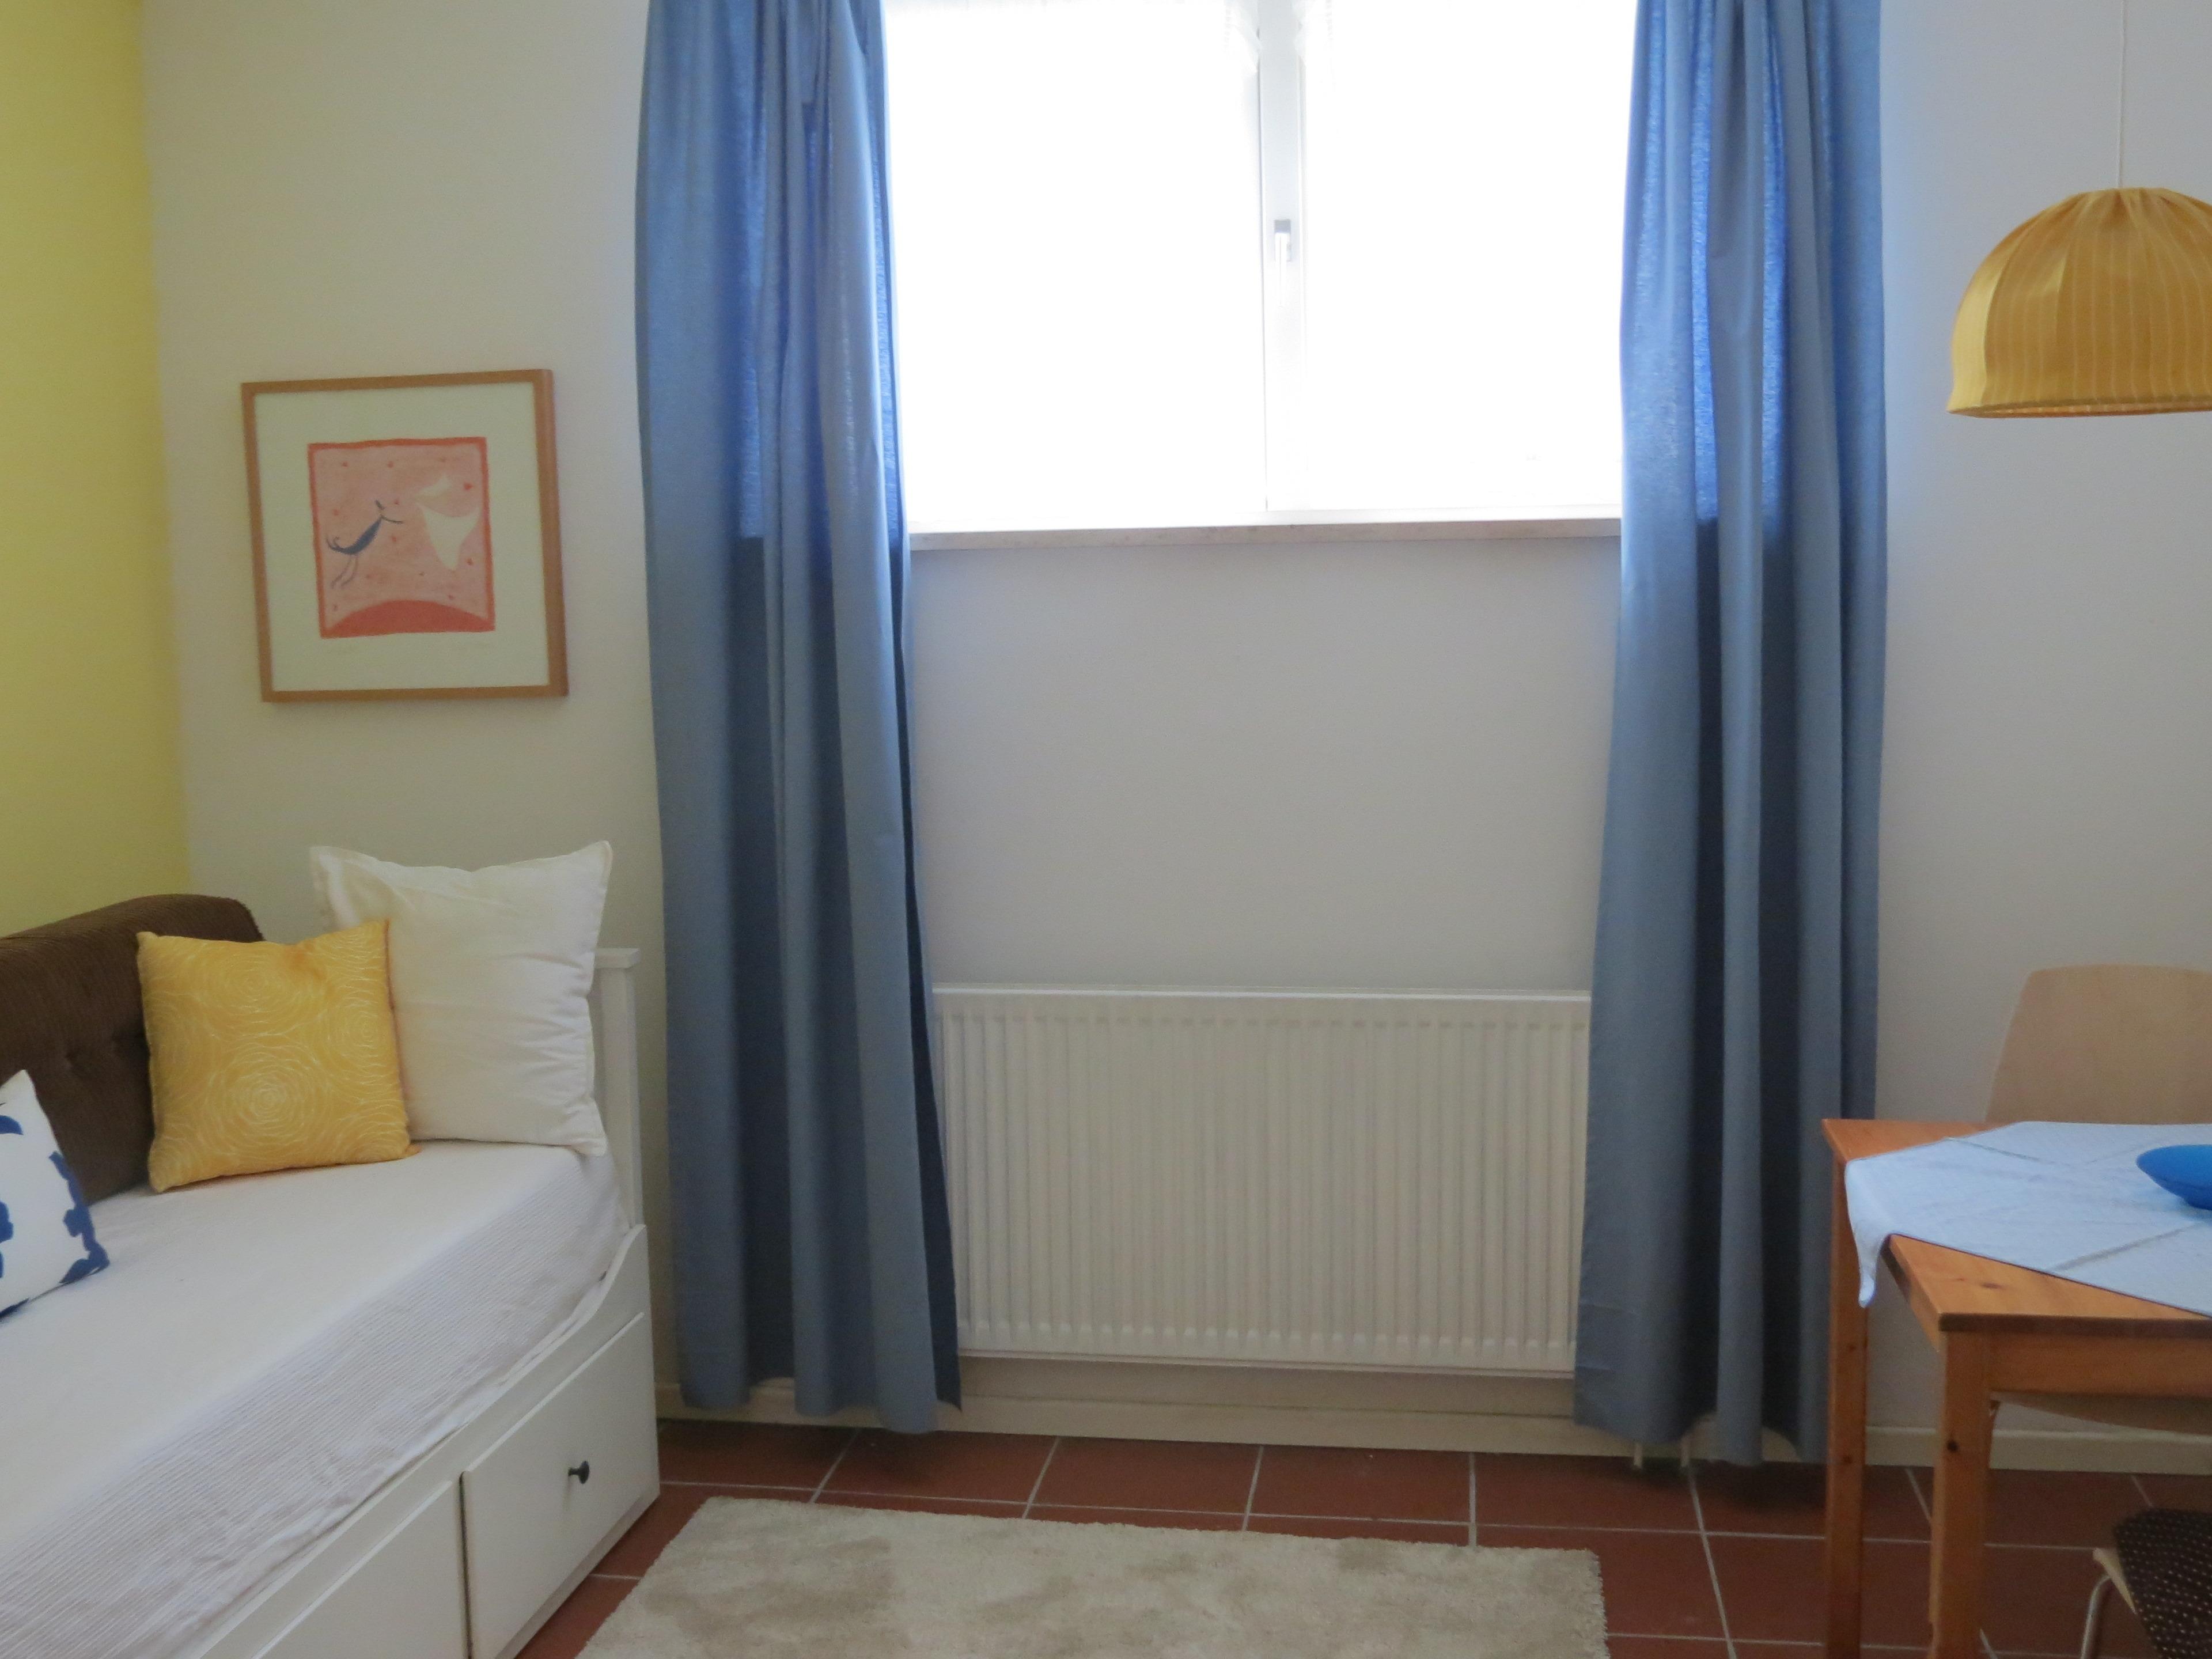 ferienwohnung kellenhusen 2 personen deutschland schleswig holstein 874367. Black Bedroom Furniture Sets. Home Design Ideas